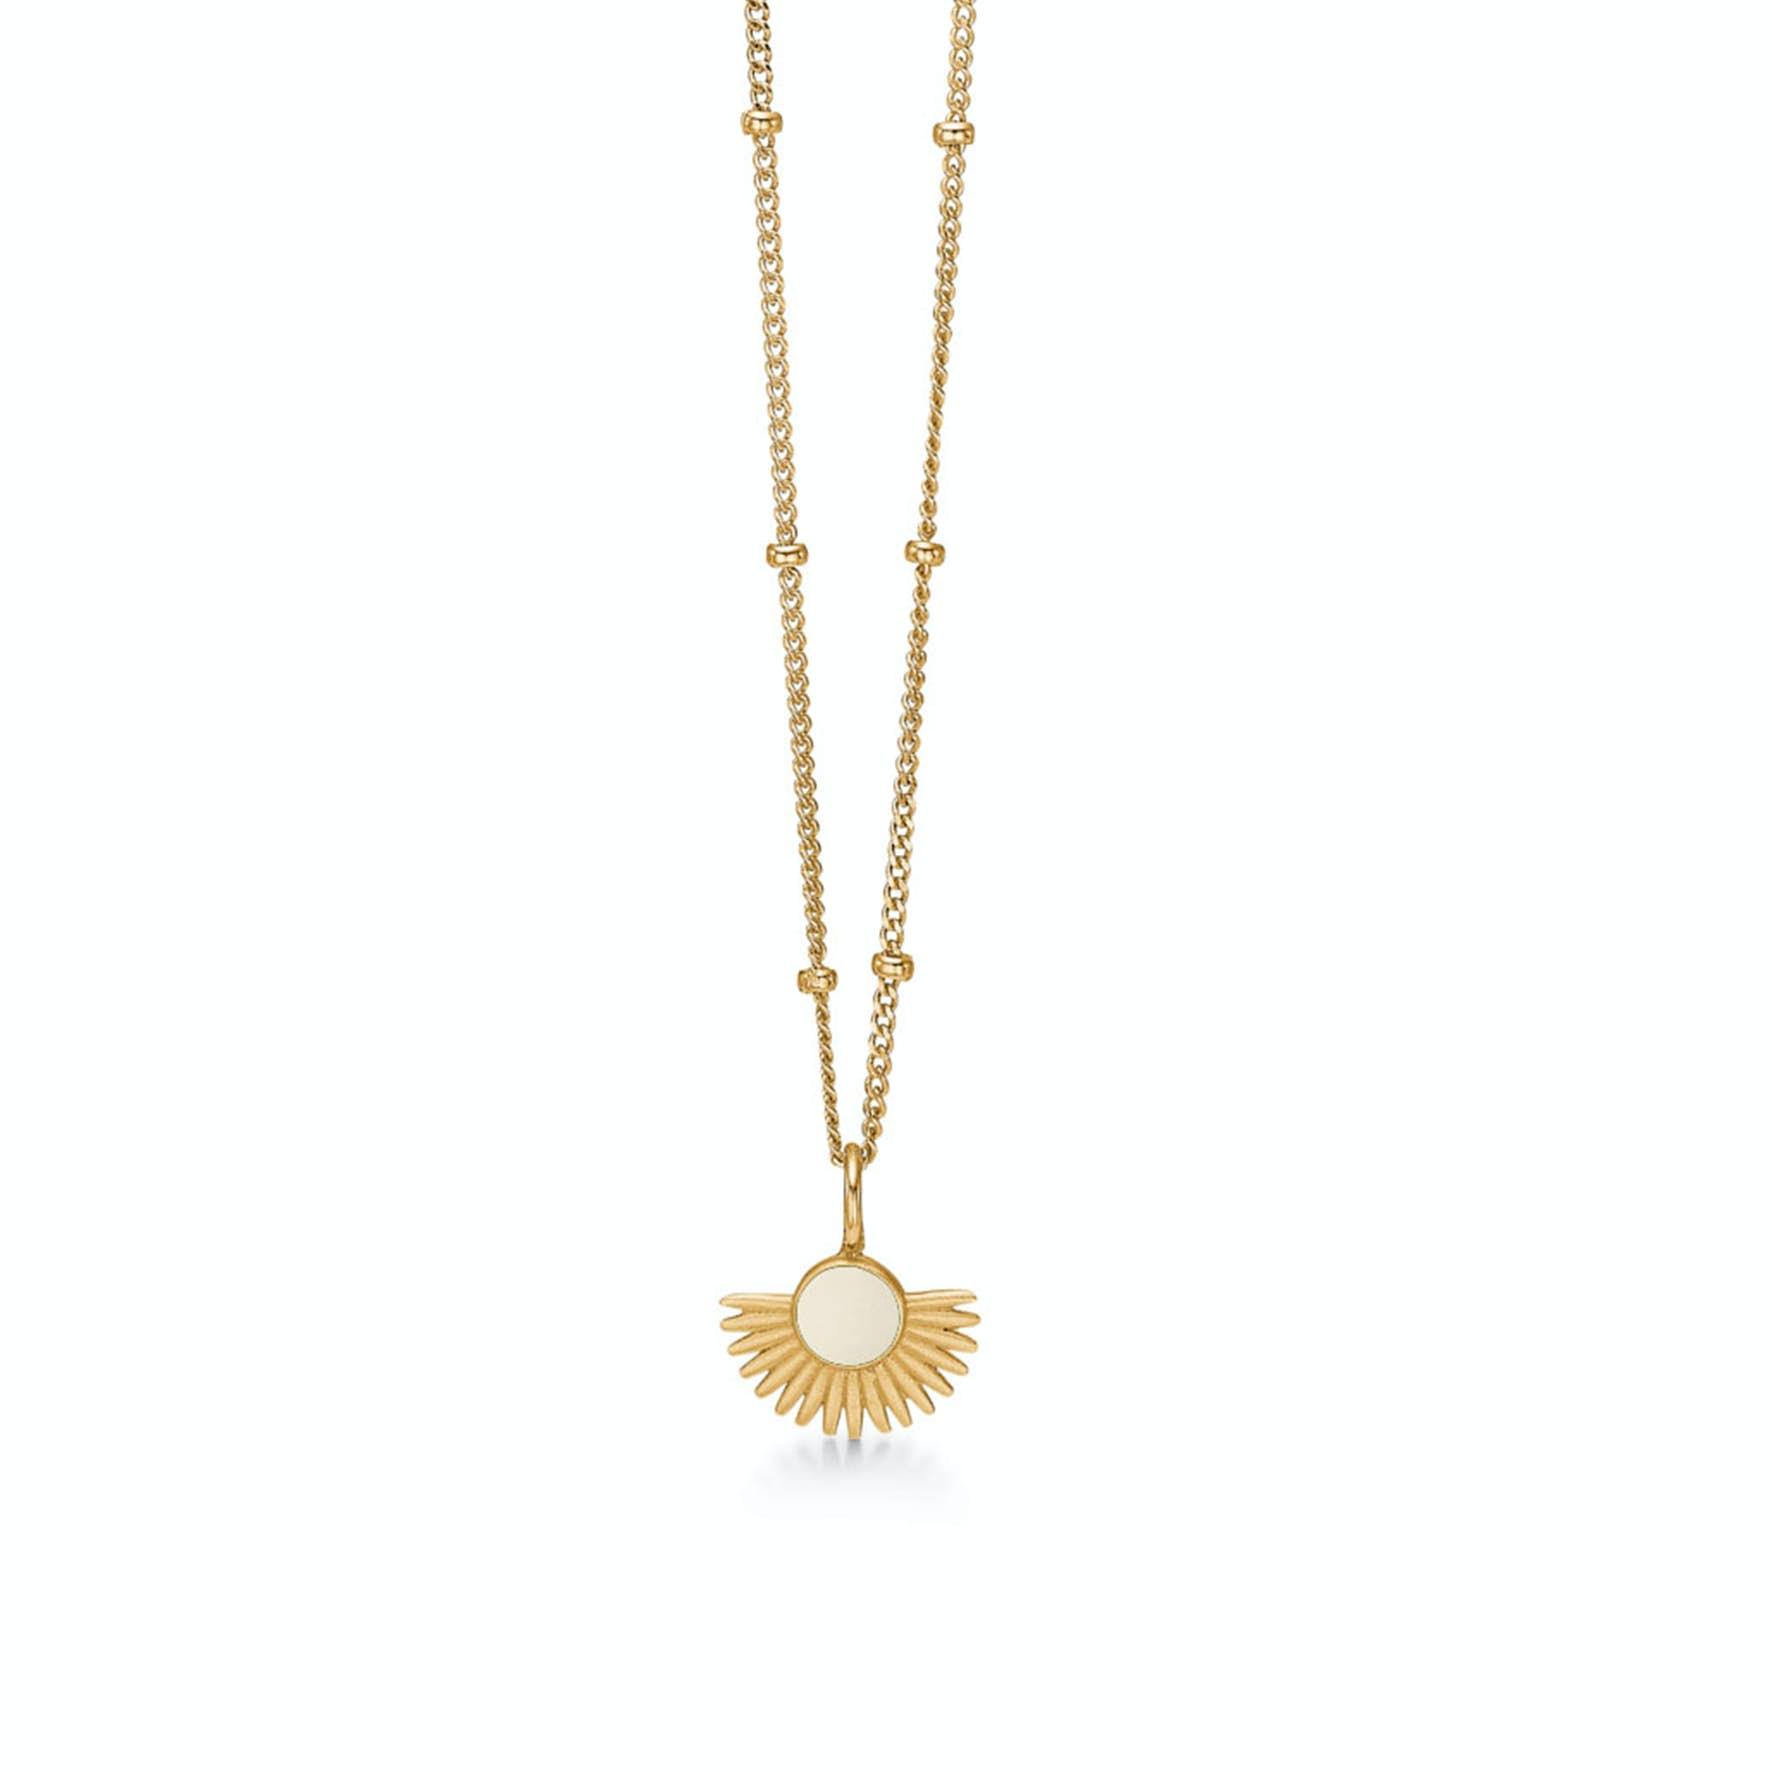 Soleil Necklace Daisy von Enamel Copenhagen in Vergoldet-Silber Sterling 925